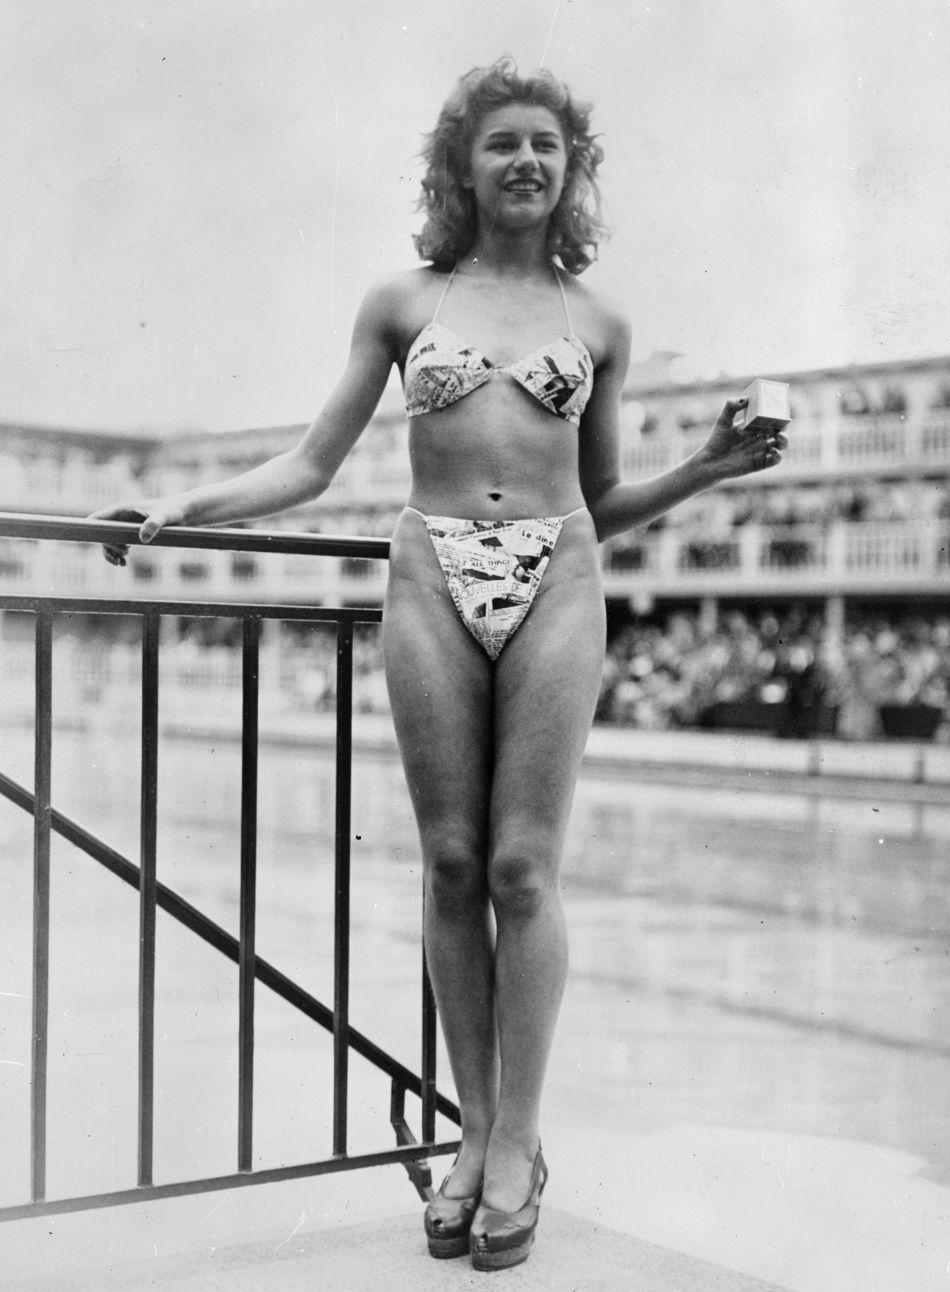 Micheline Bernardini, la danseuse nue du Casino de Paris, porte le premier bikini réalisé en 1946 par Louis Réard.